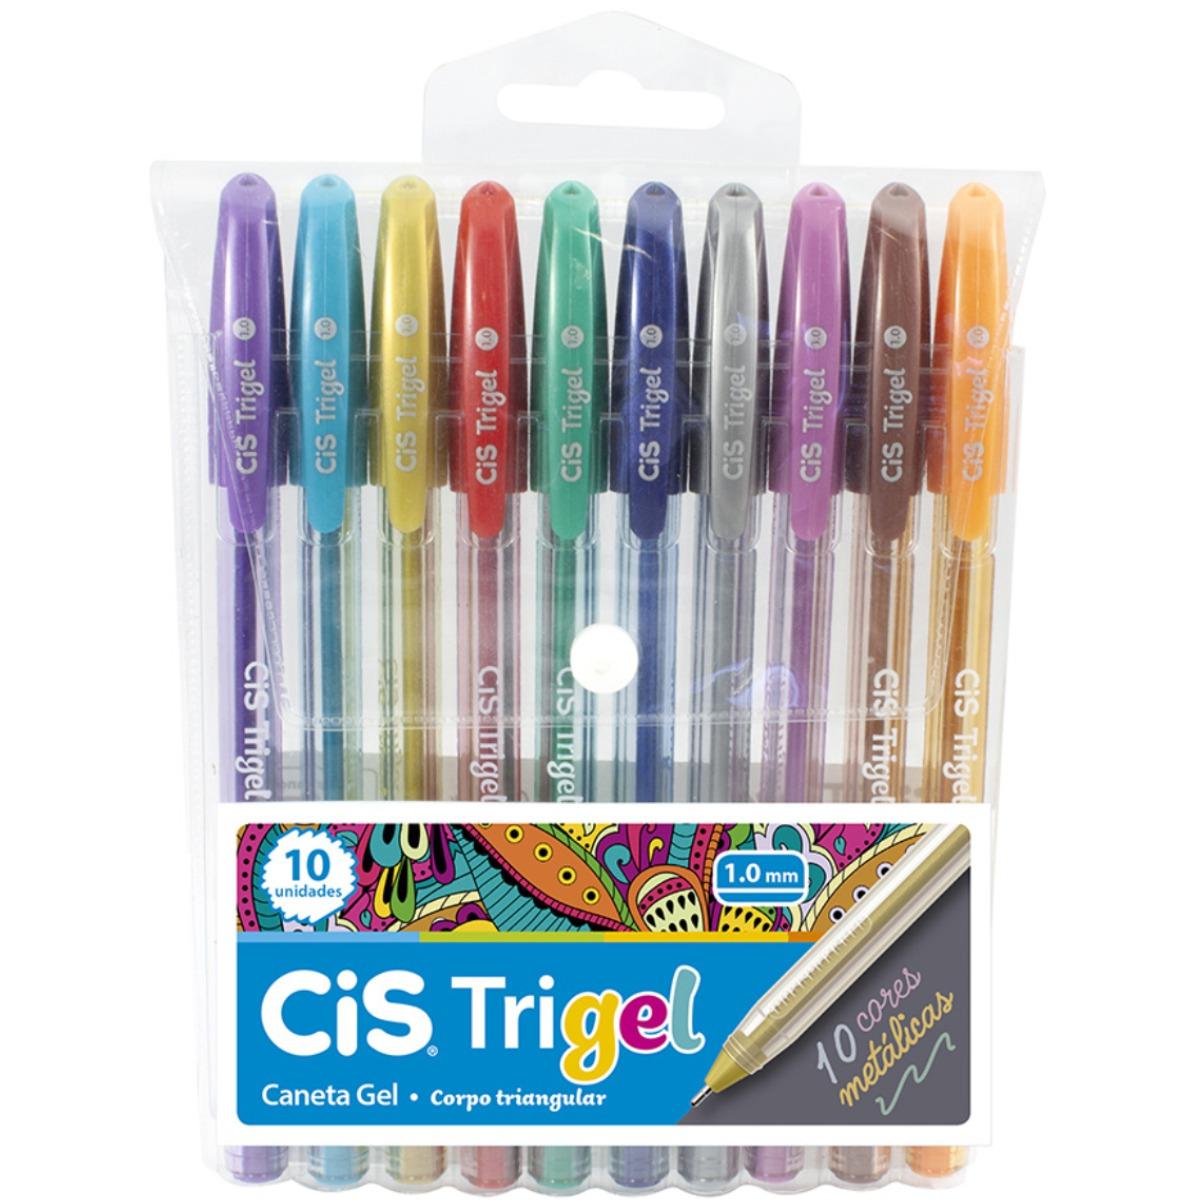 Conjunto Caneta Cis Trigel 1.0mm 10 Cores Metálicas